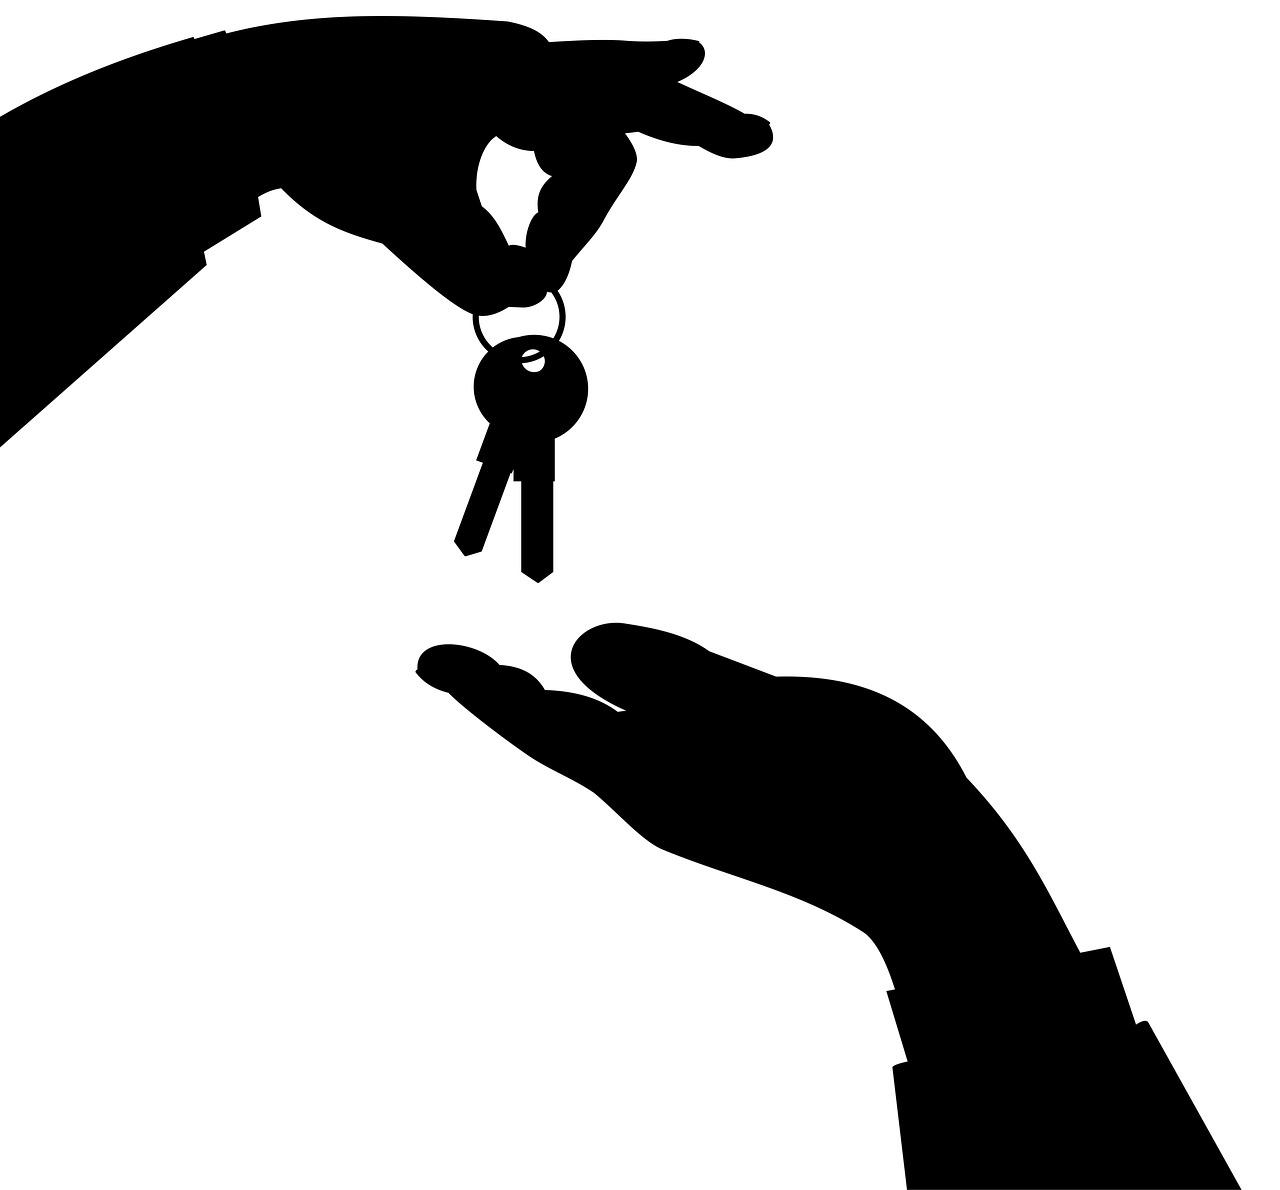 איך להוציא דייר בעייתי מהנכס שלי?